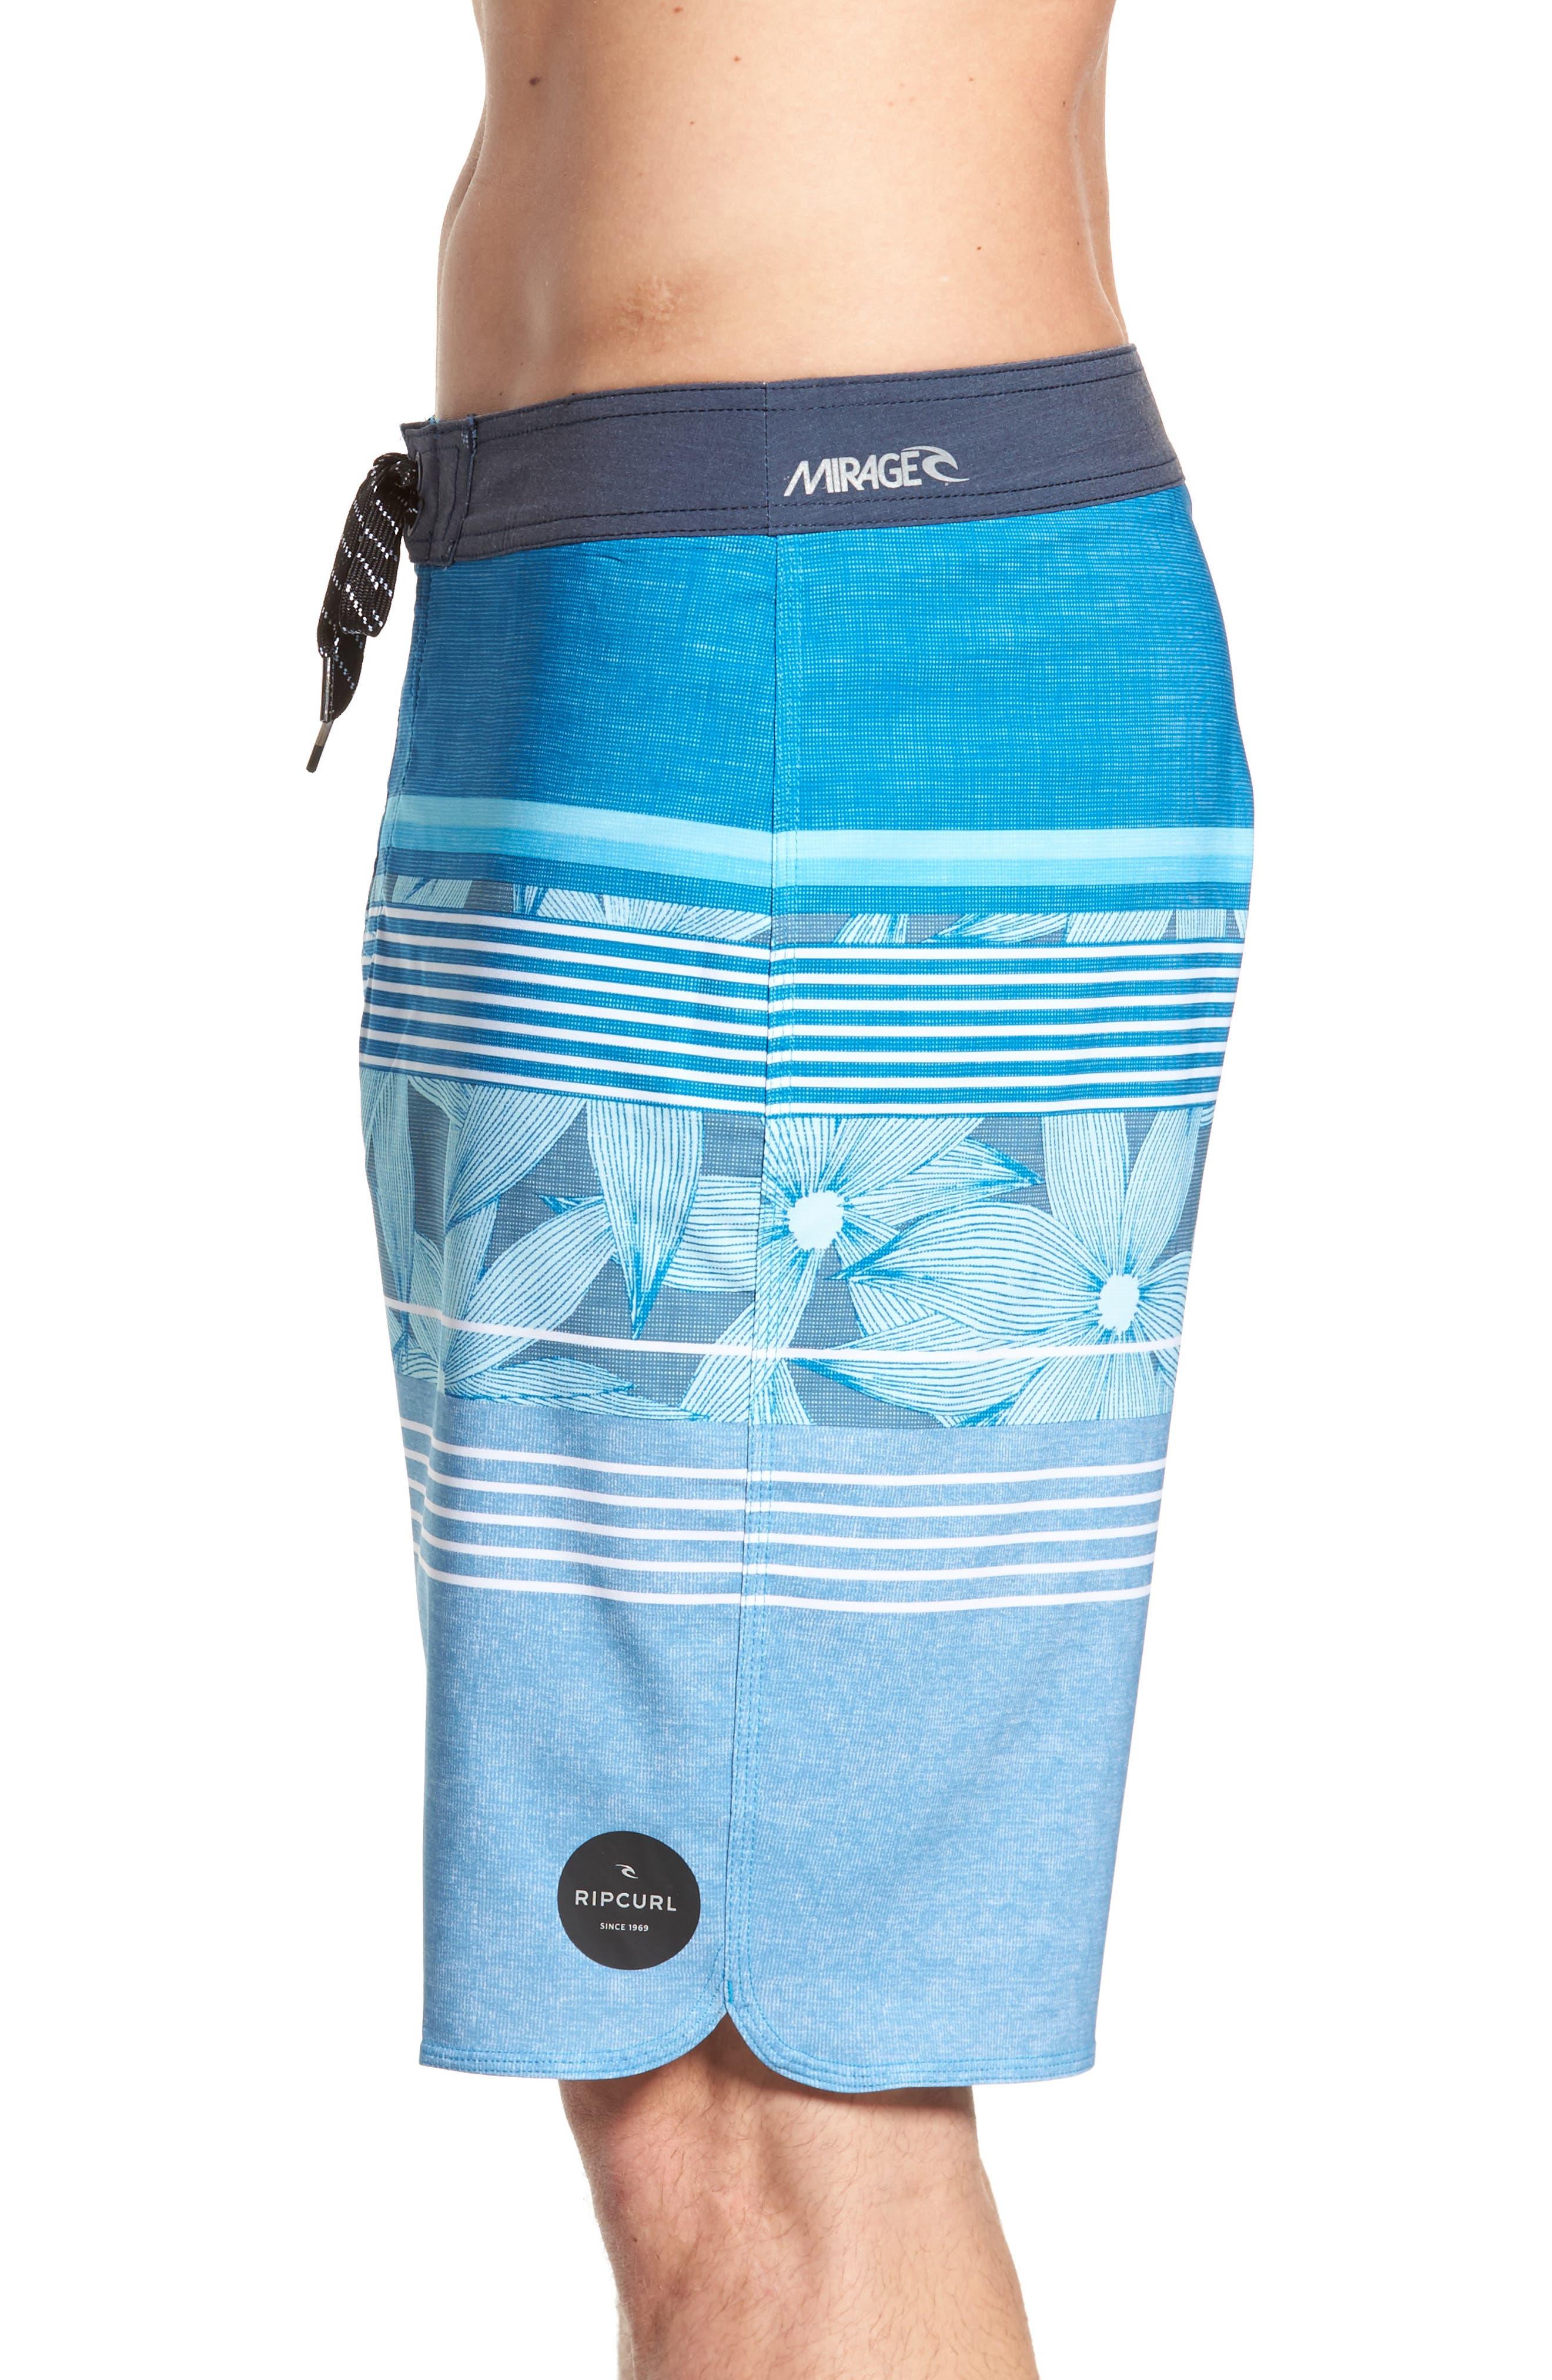 Mirage Shake Up Board Shorts,                             Alternate thumbnail 4, color,                             400